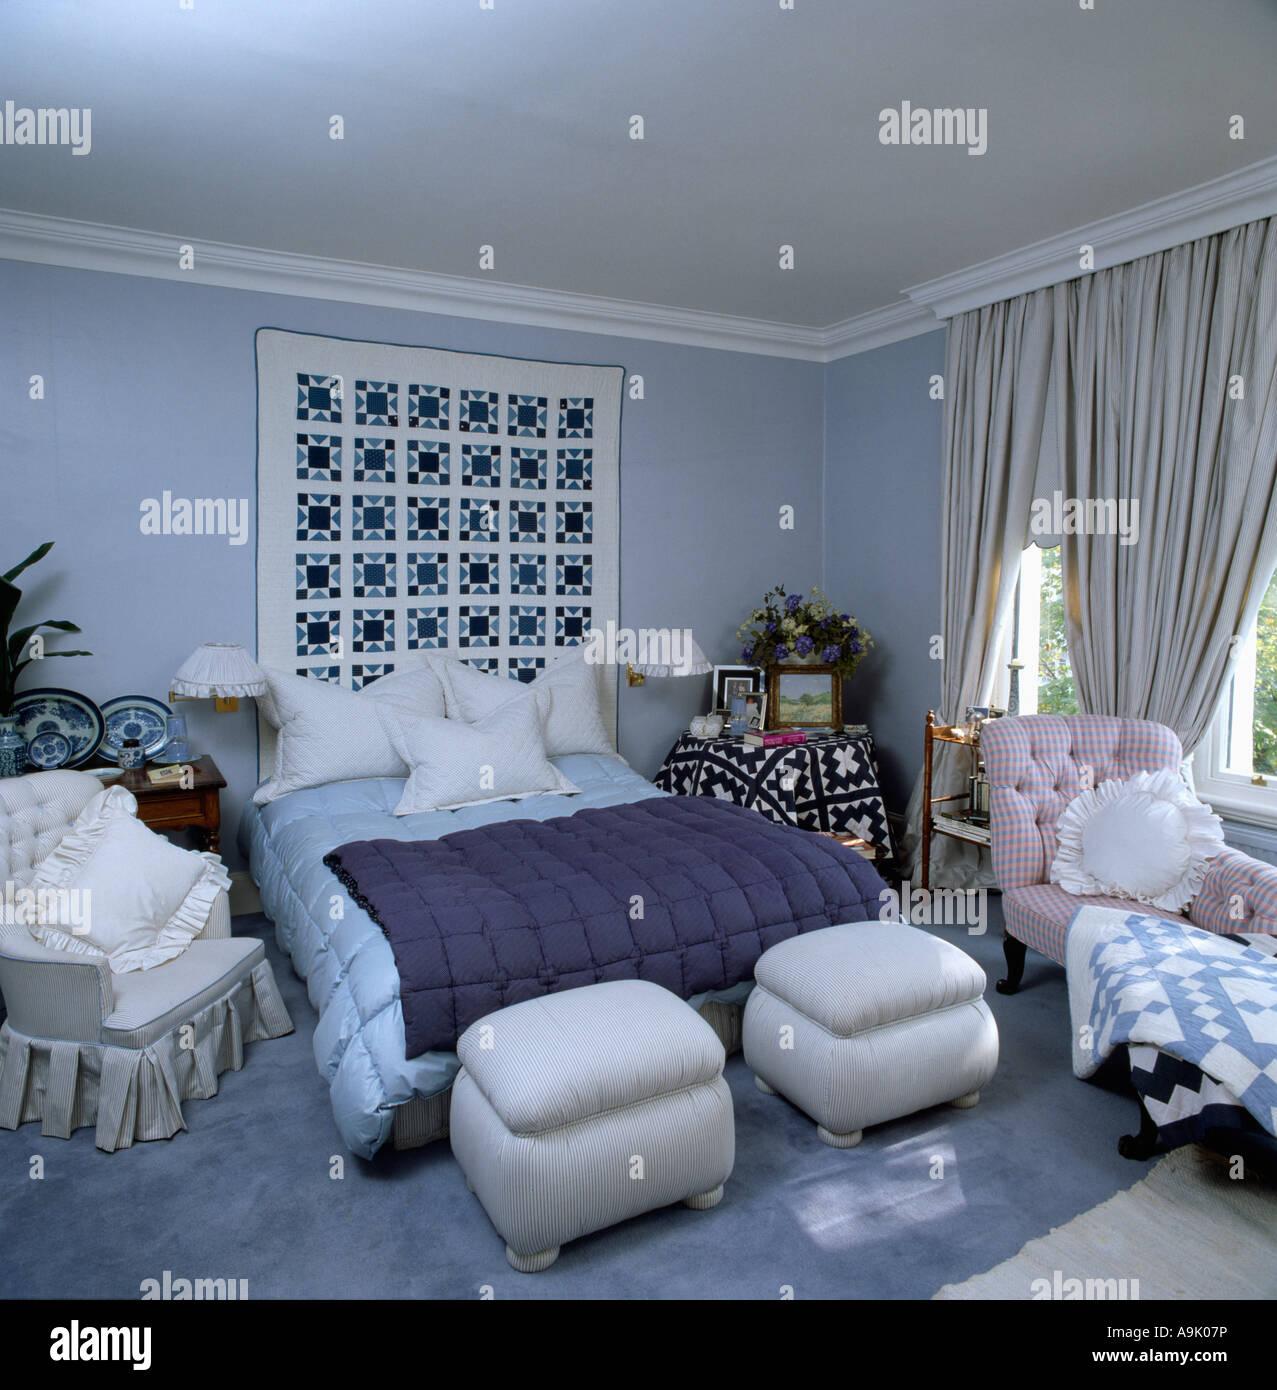 Pastell Blau 80er Jahre Schlafzimmer Mit Rosa Chaiselongue Und Gepolsterten  Ottoman Hocker Am Ende Des Bett Creme